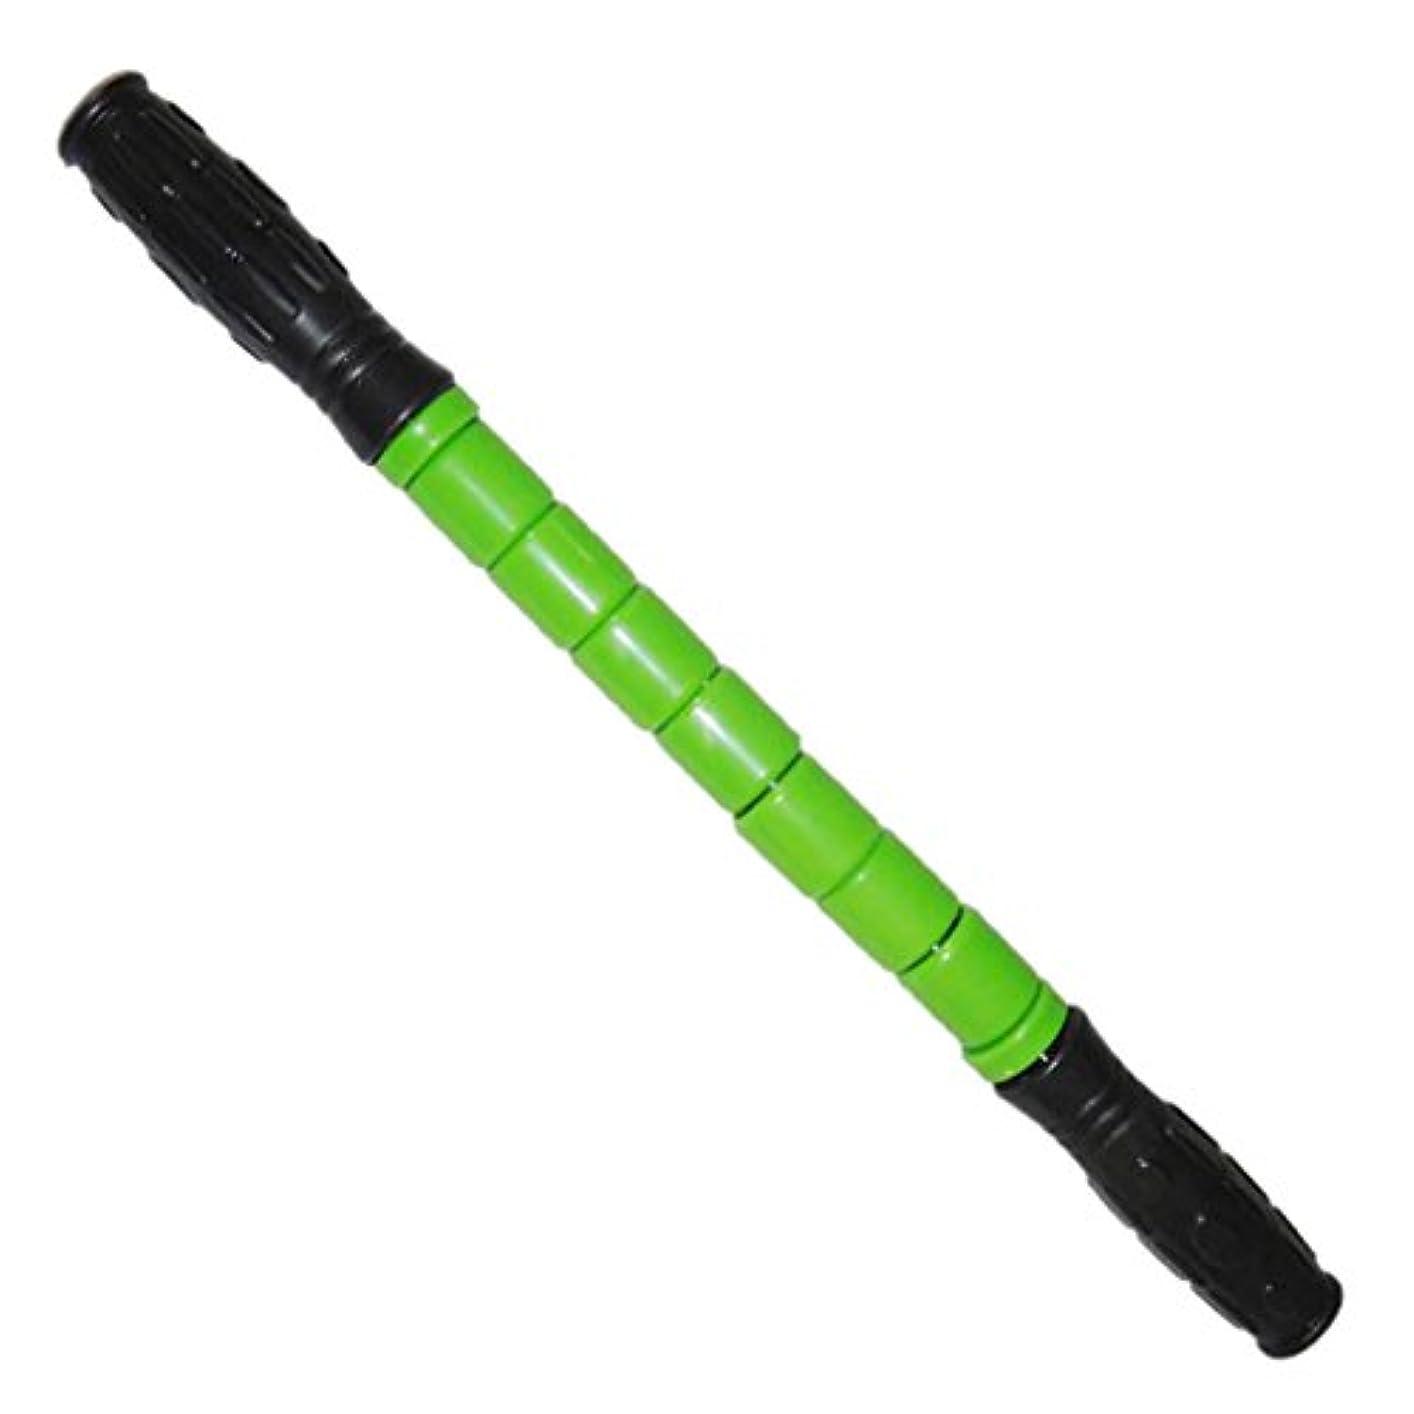 忠実放棄されたフリルスティック マッスル マッサージ ローラー 筋肉 グループ 痛み 疲れ 緩和 全3色 - 緑